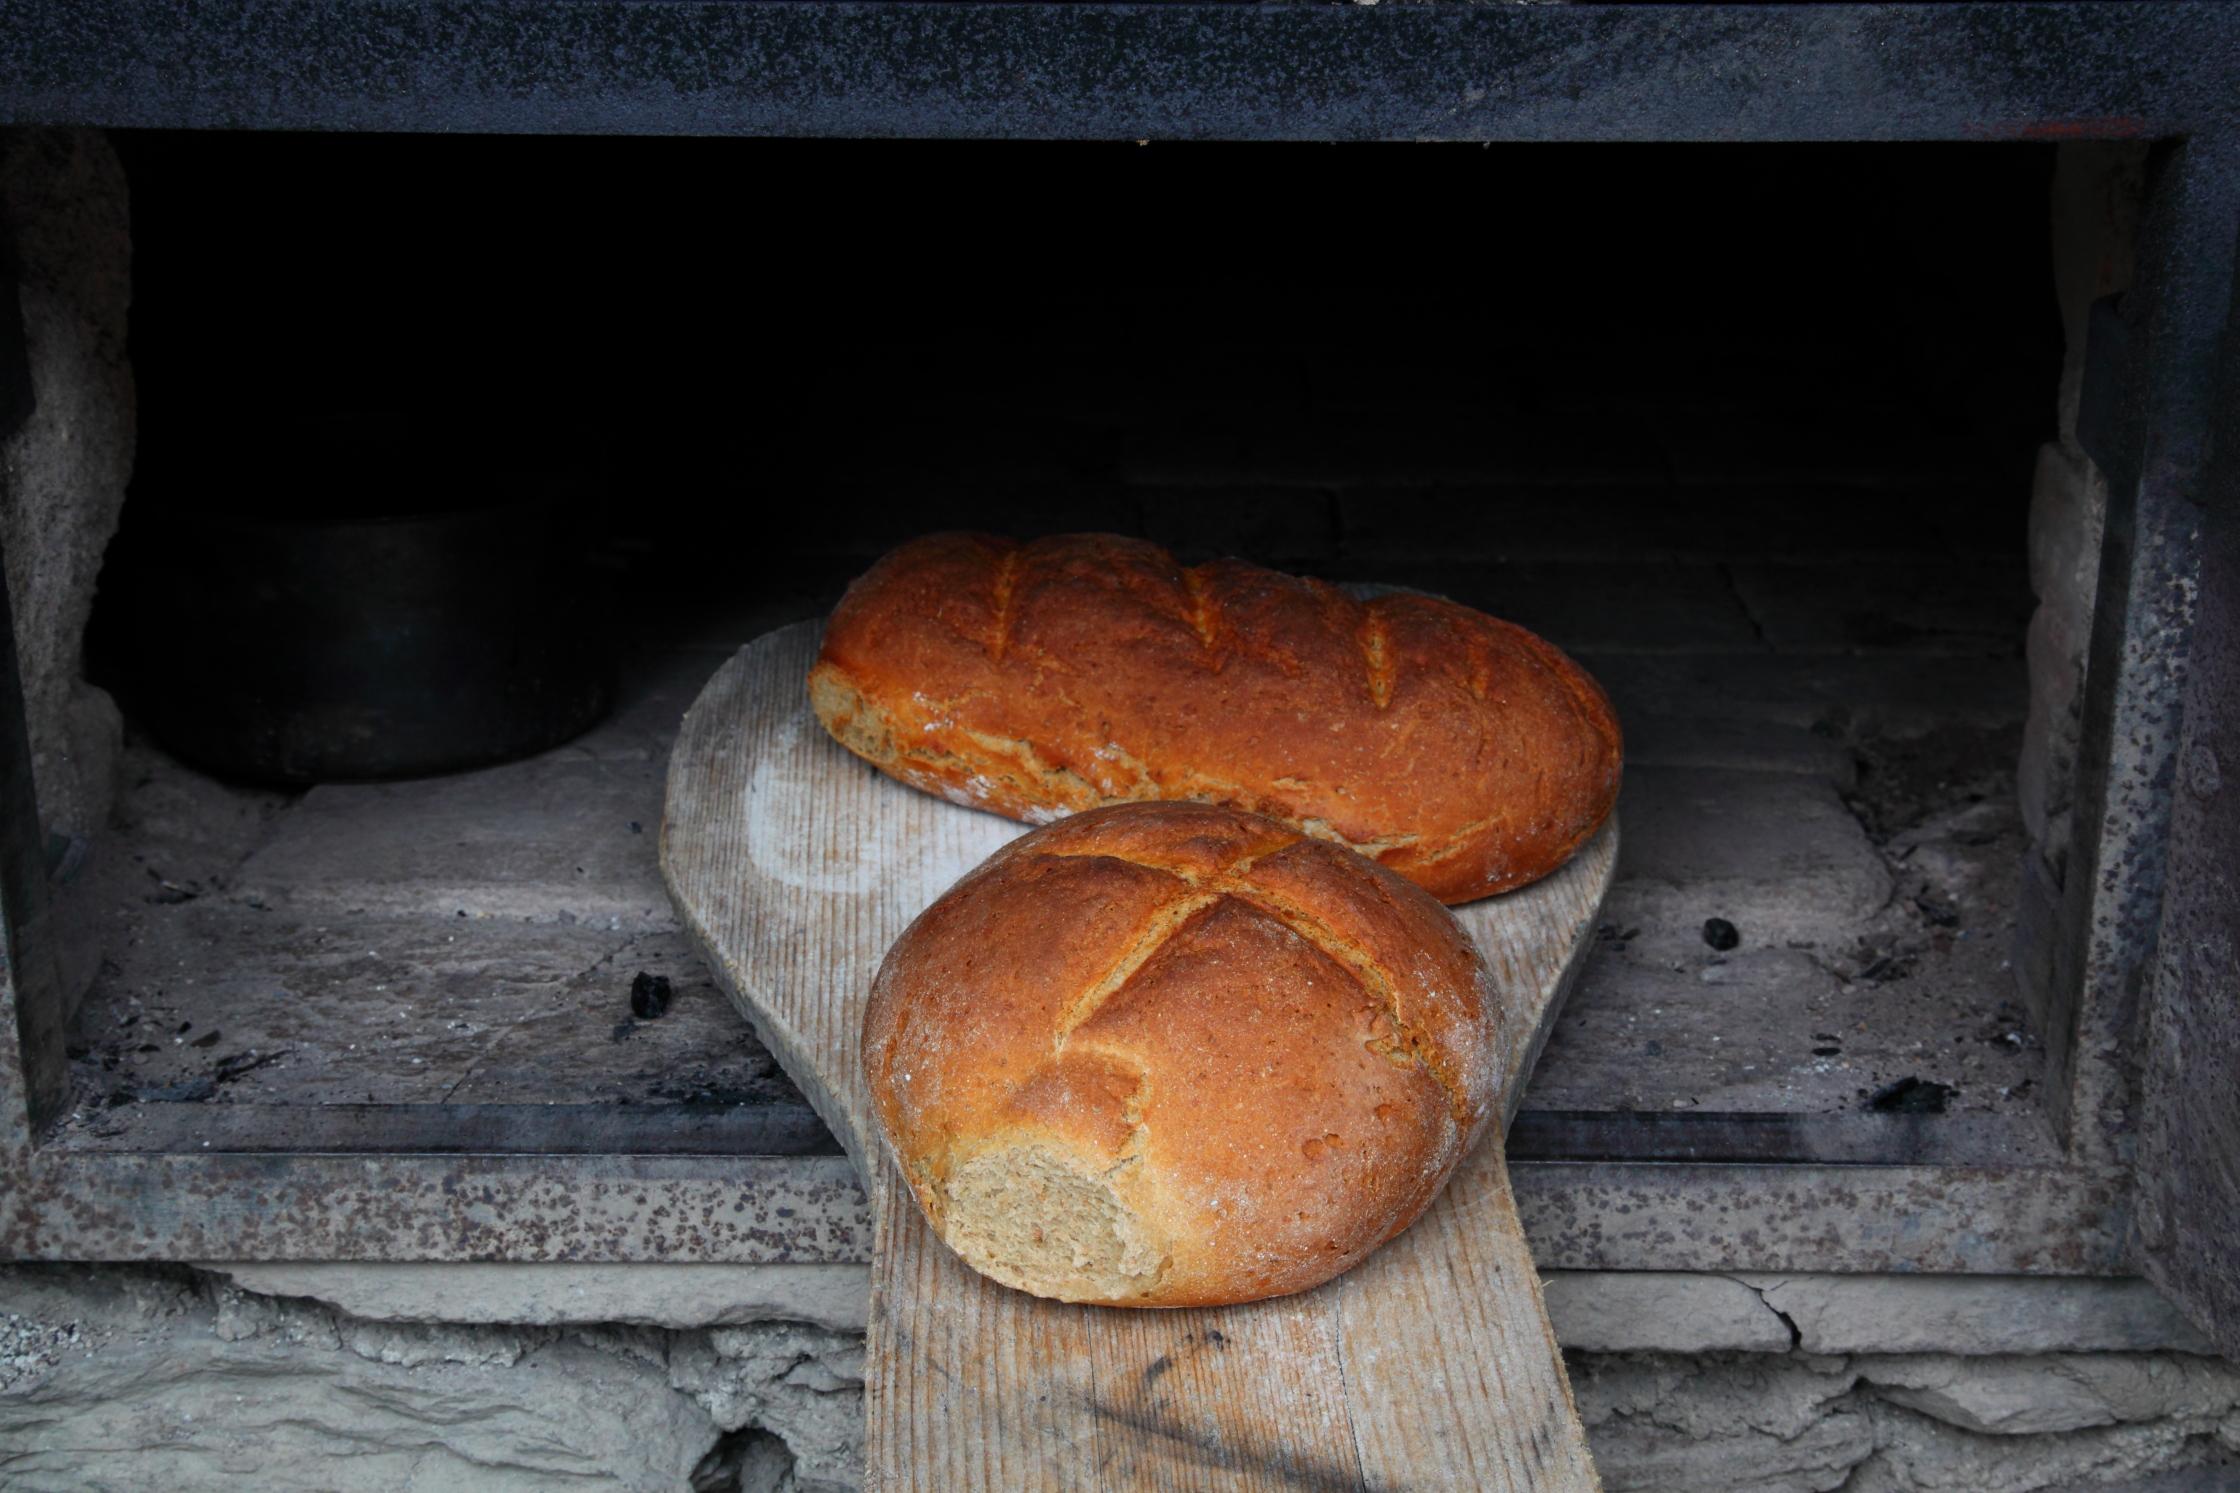 Köstliches Brotaus unserem Backofen